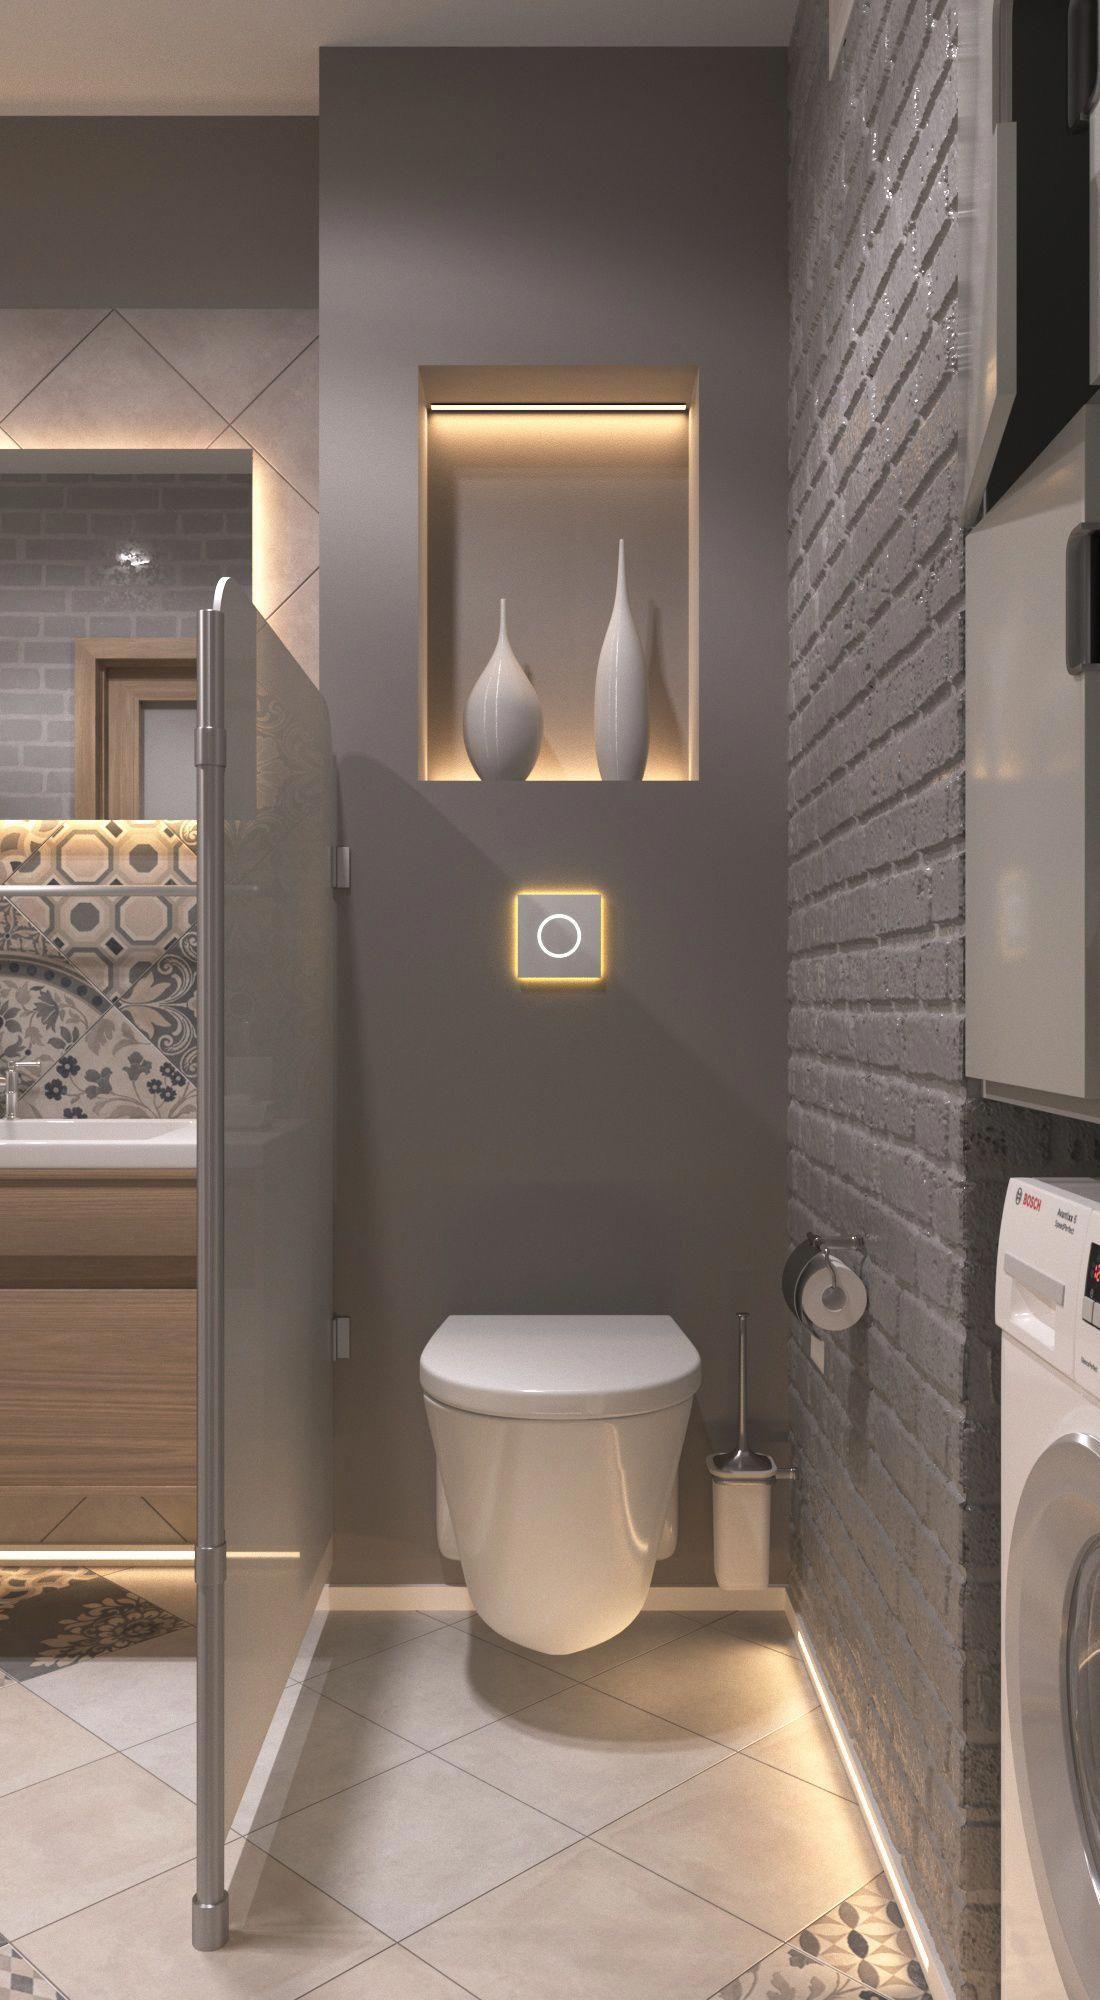 Modernbathrooms Badezimmer Badezimmerideen Badezimmer Einrichtung